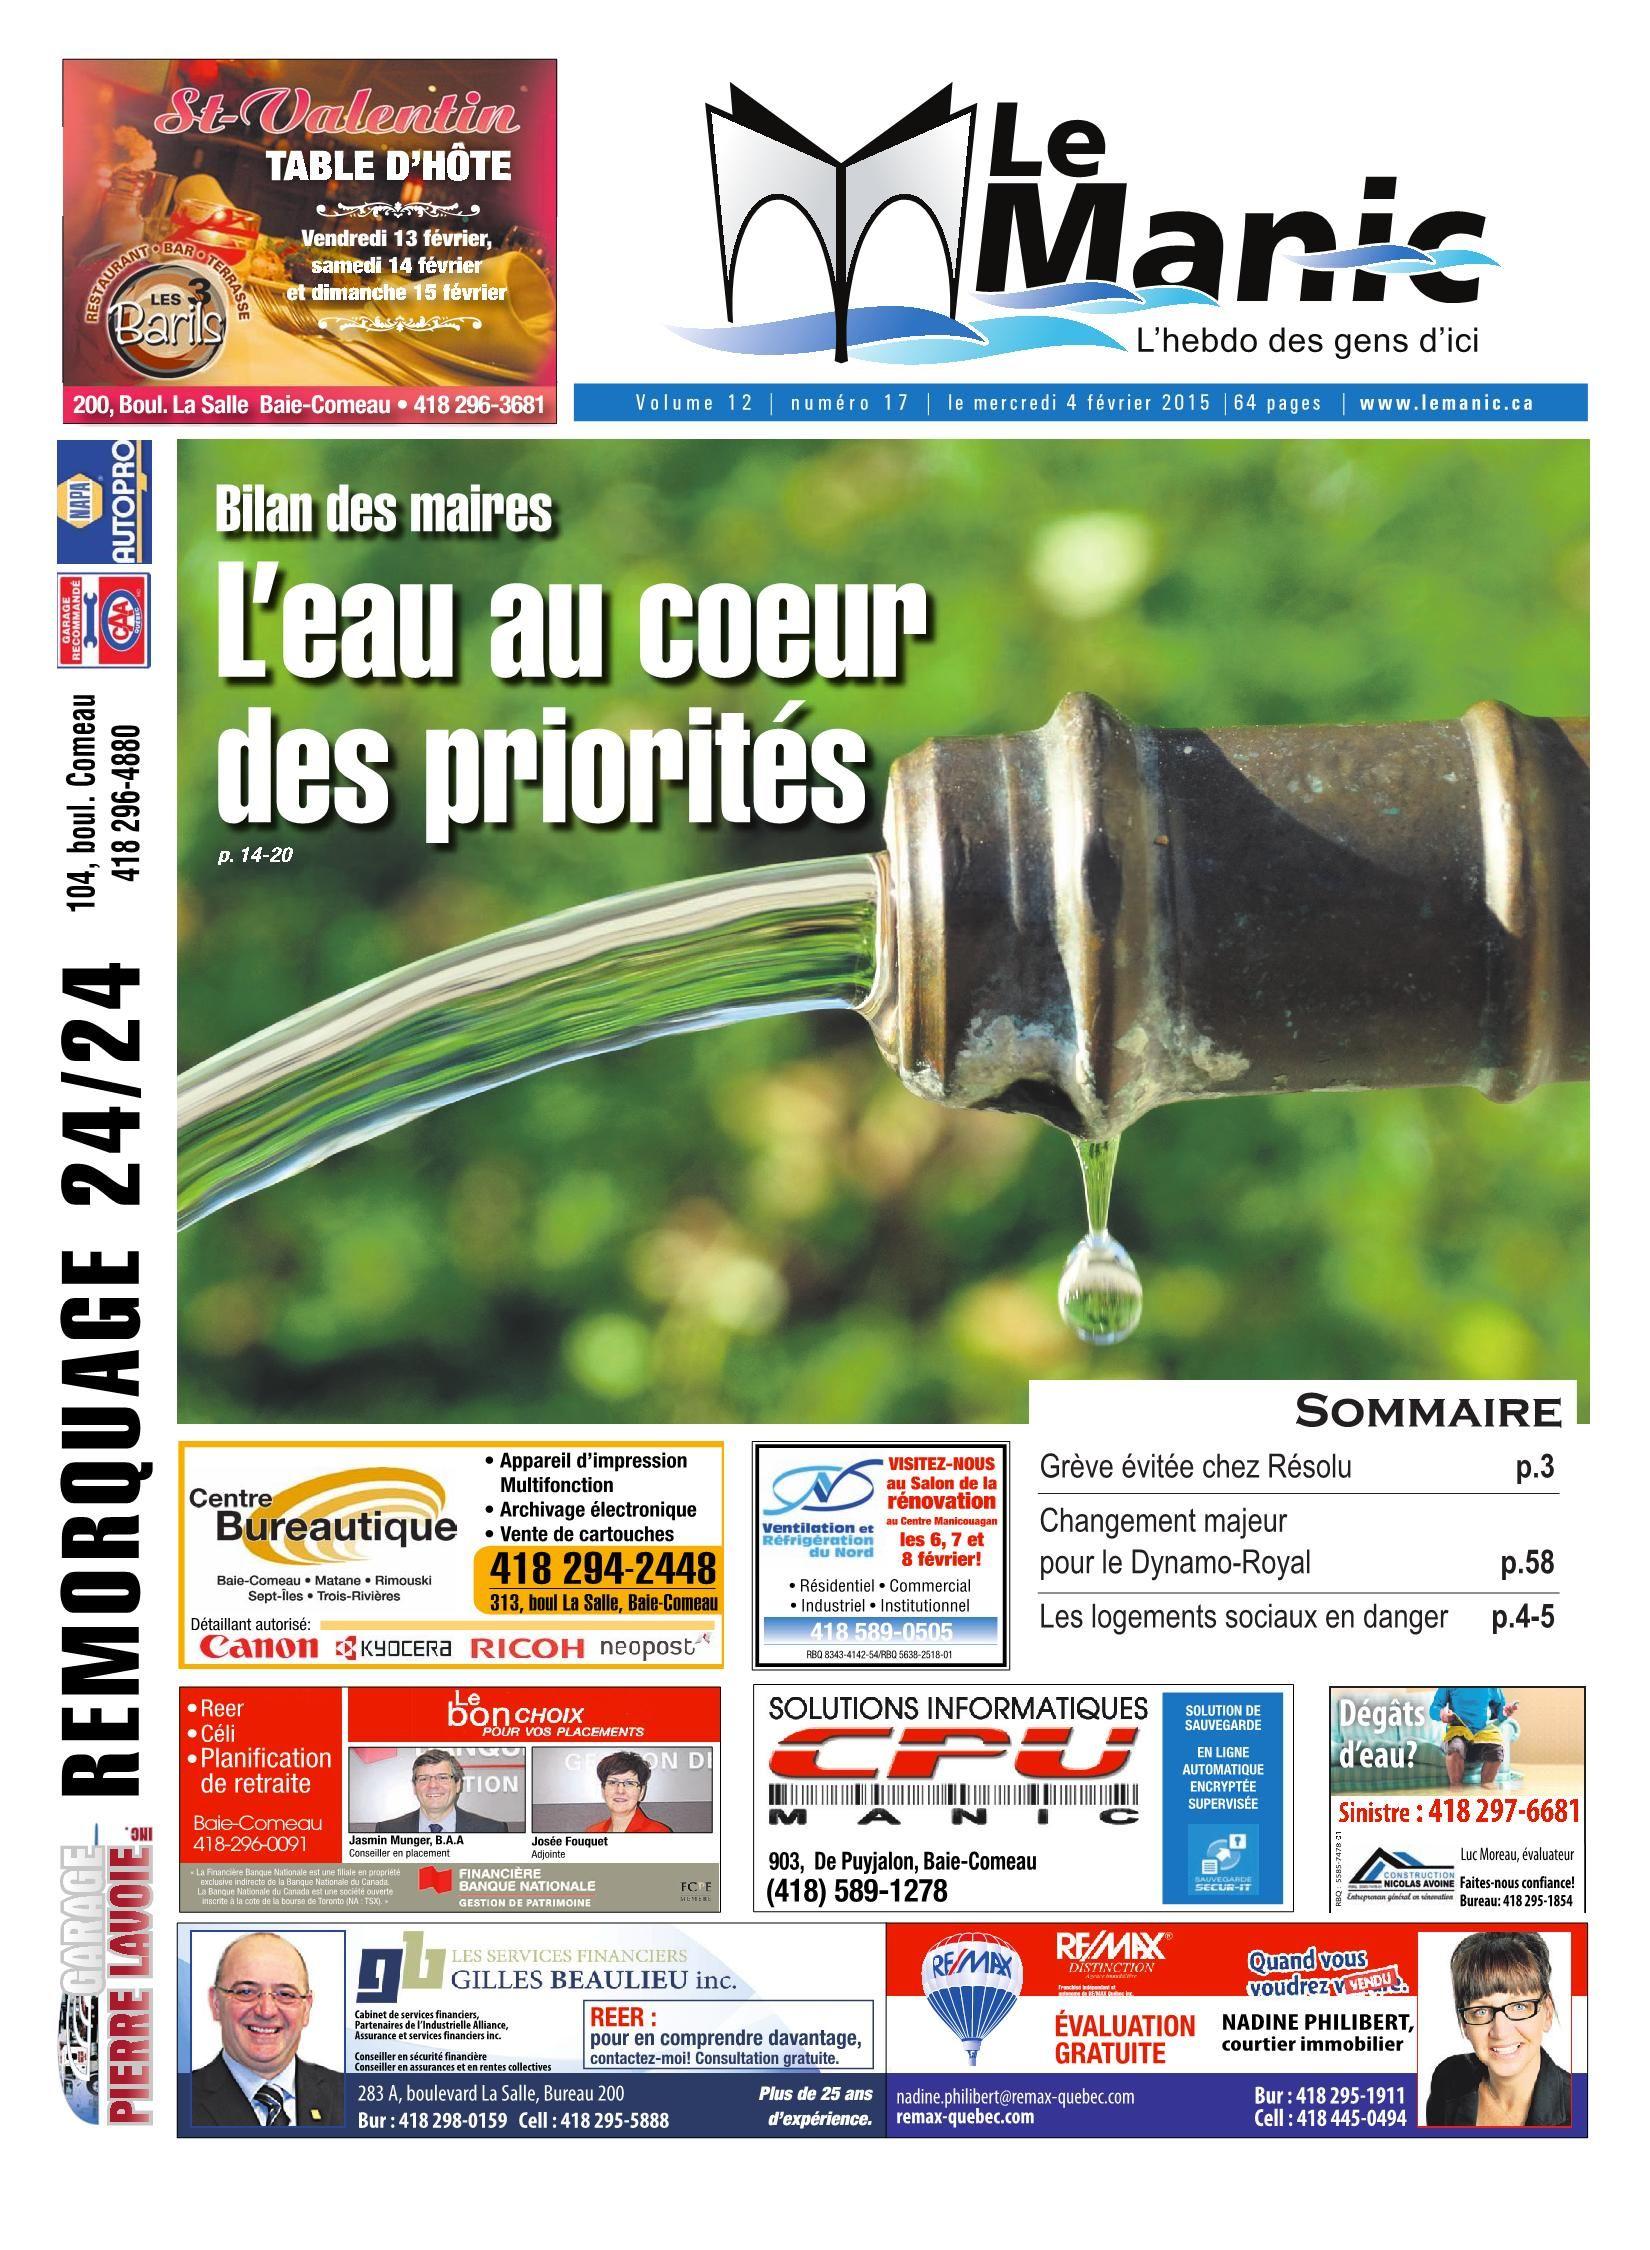 Leclerc Mobile Mon Compte Beau Le Manic 04 Février 2015 Pages 1 50 Text Version Of 40 Élégant Leclerc Mobile Mon Compte